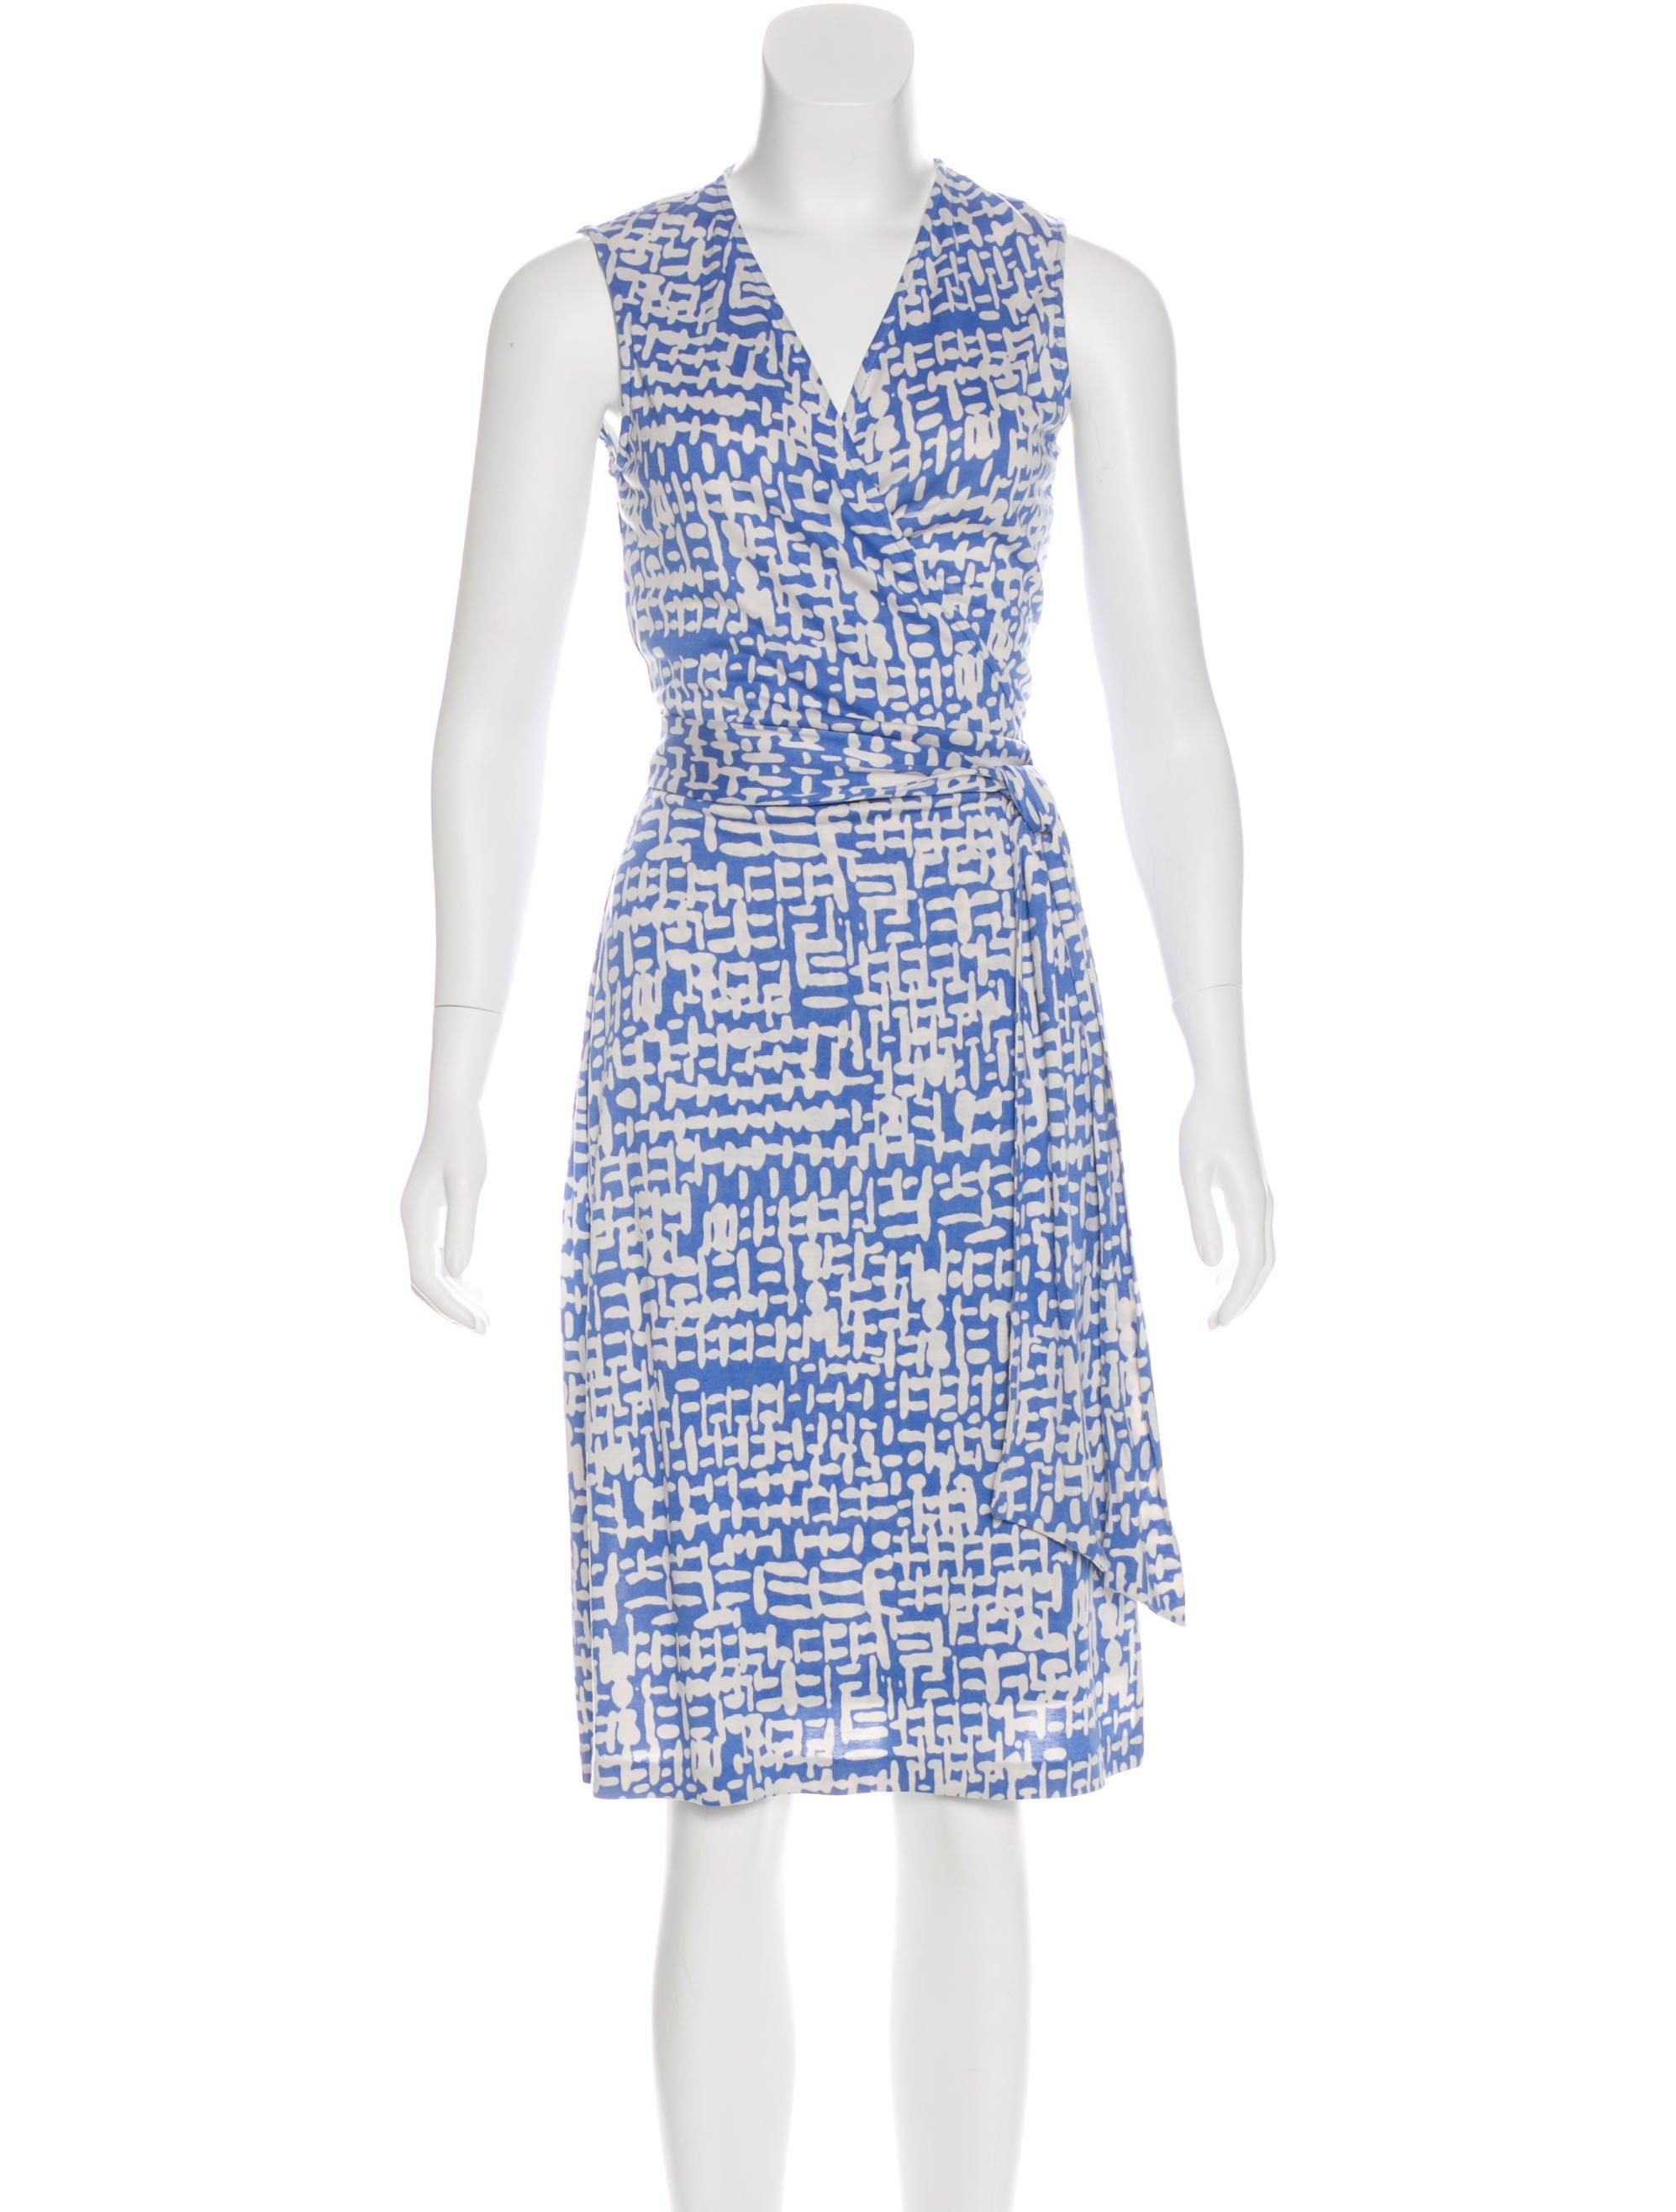 Diane von furstenberg jude silk dress clothing for Diane von furstenberg clothing